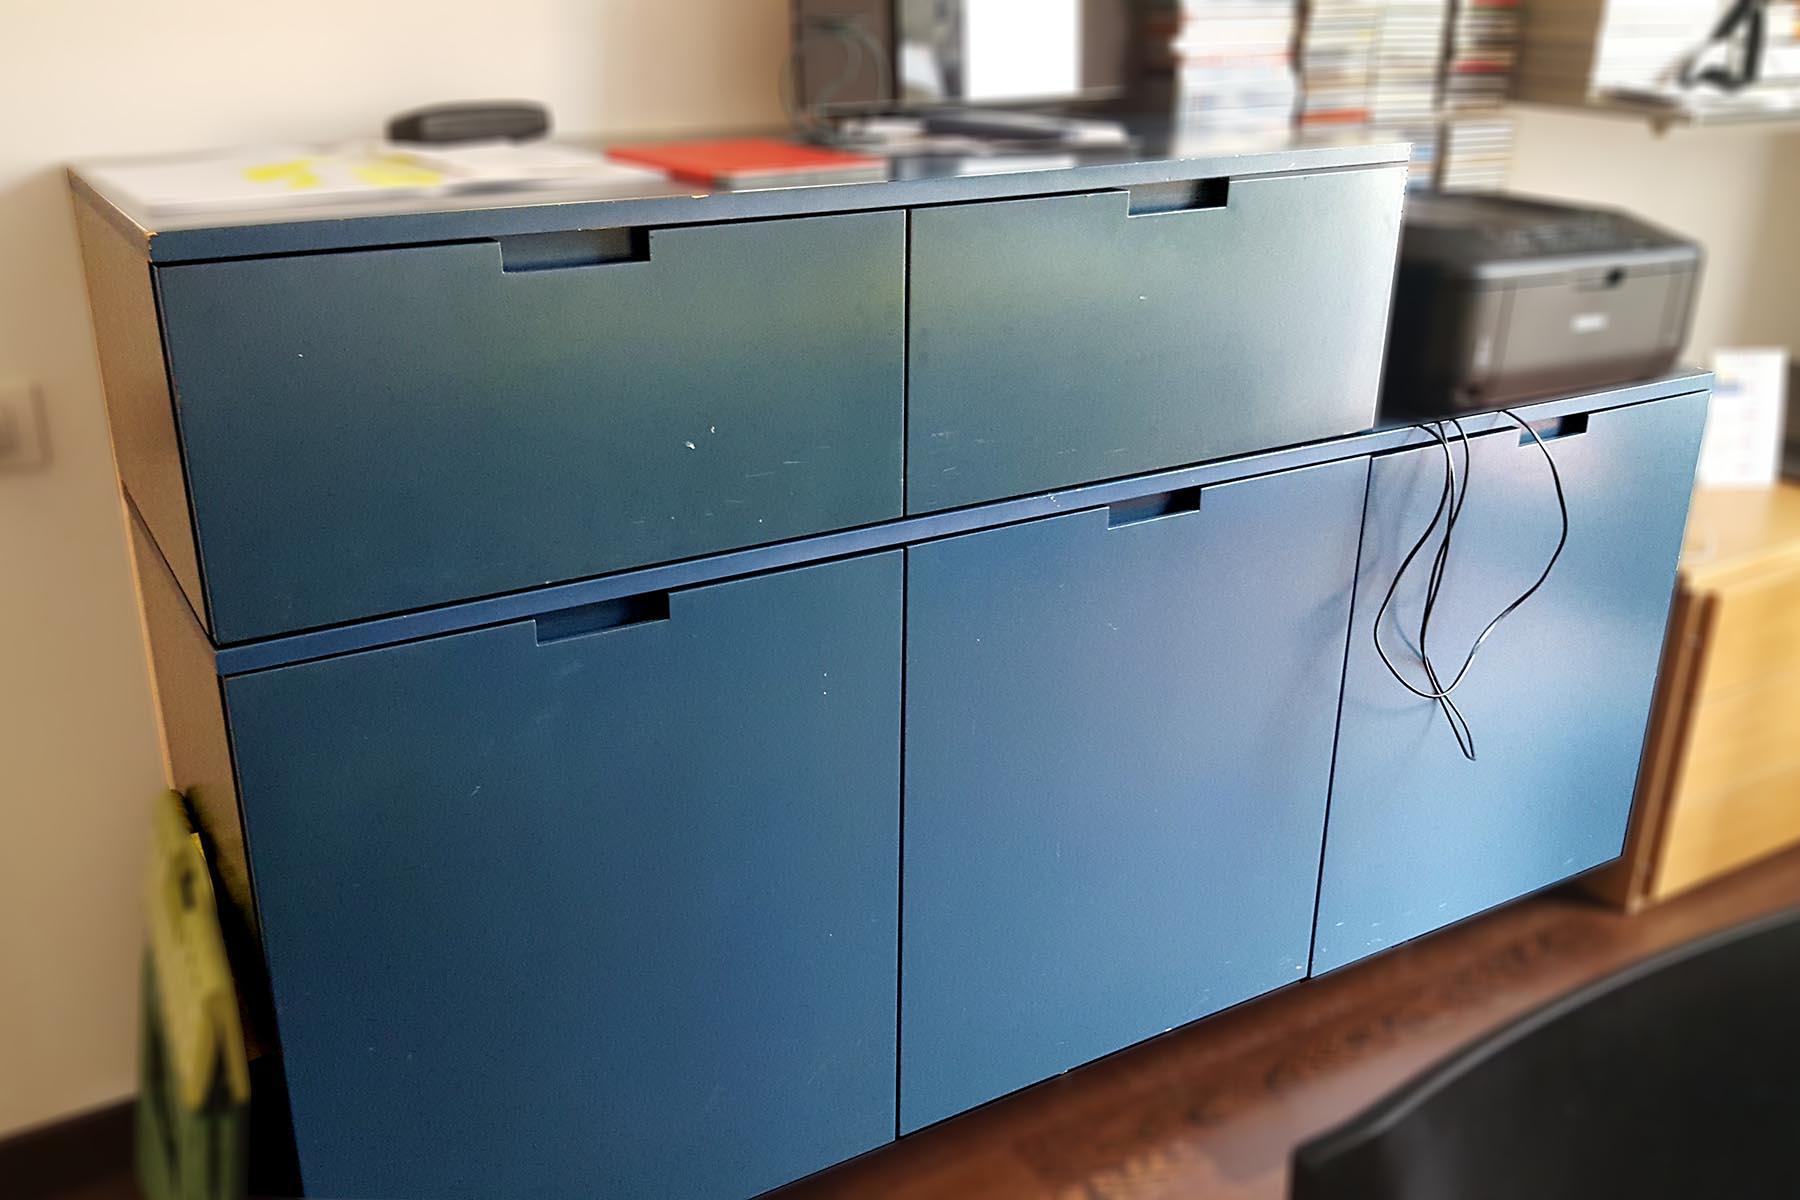 Pellicole adesive per mobili cosa sono e come funzionano - Pellicole adesive per rivestire mobili ...